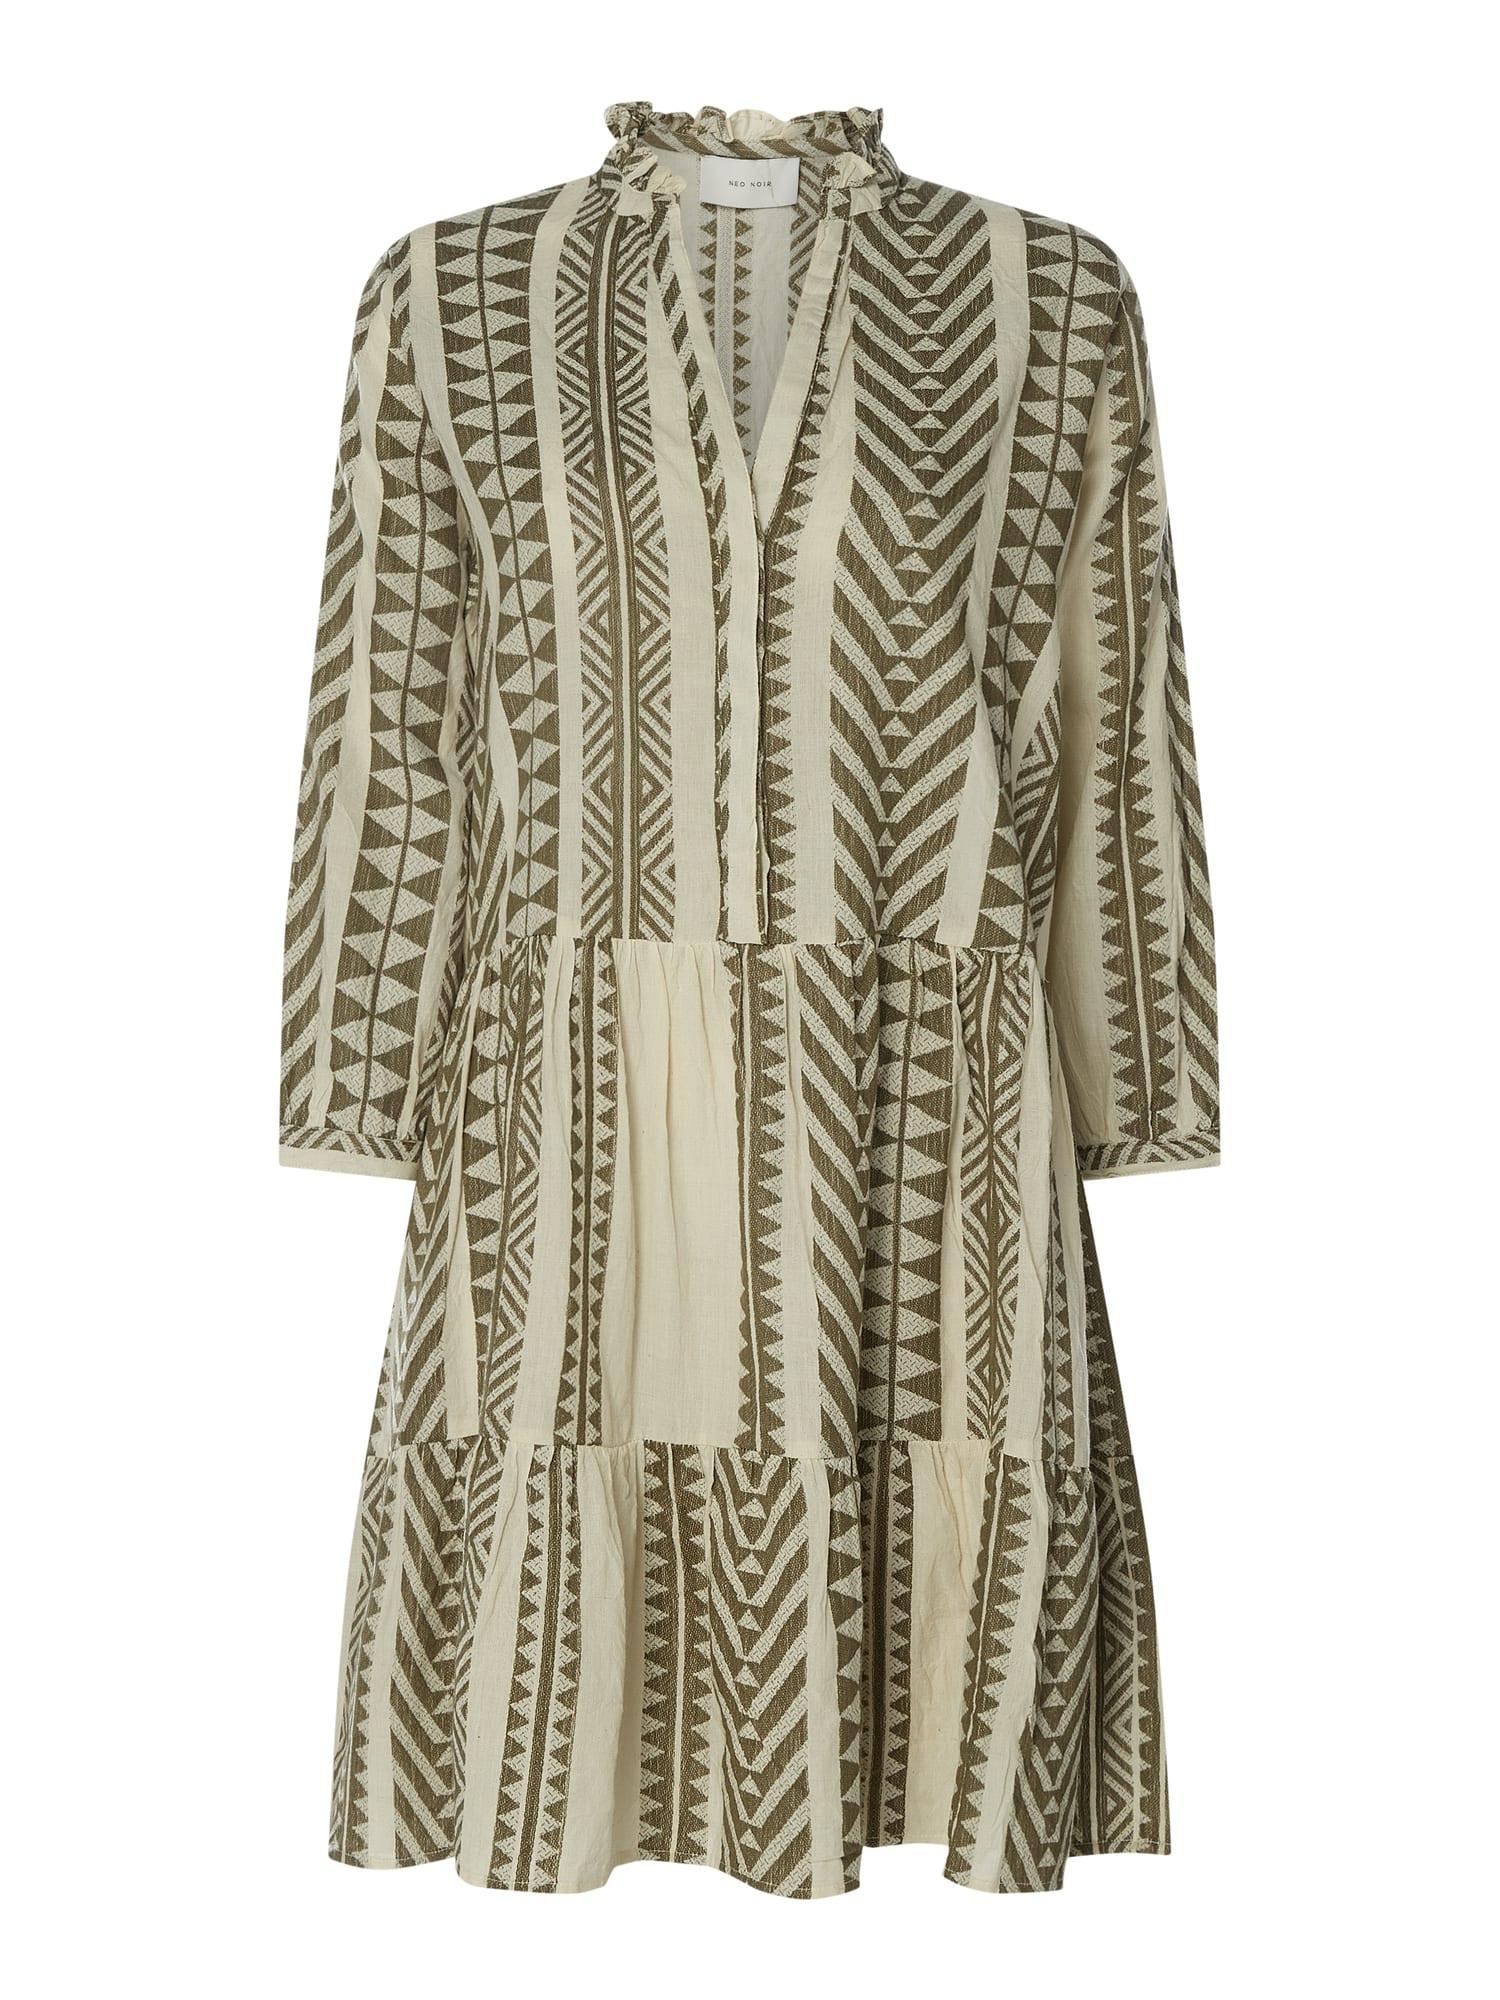 Neo Noir Kleid Modell 'Famy'  Exklusiv Bei Uns Erhältlich